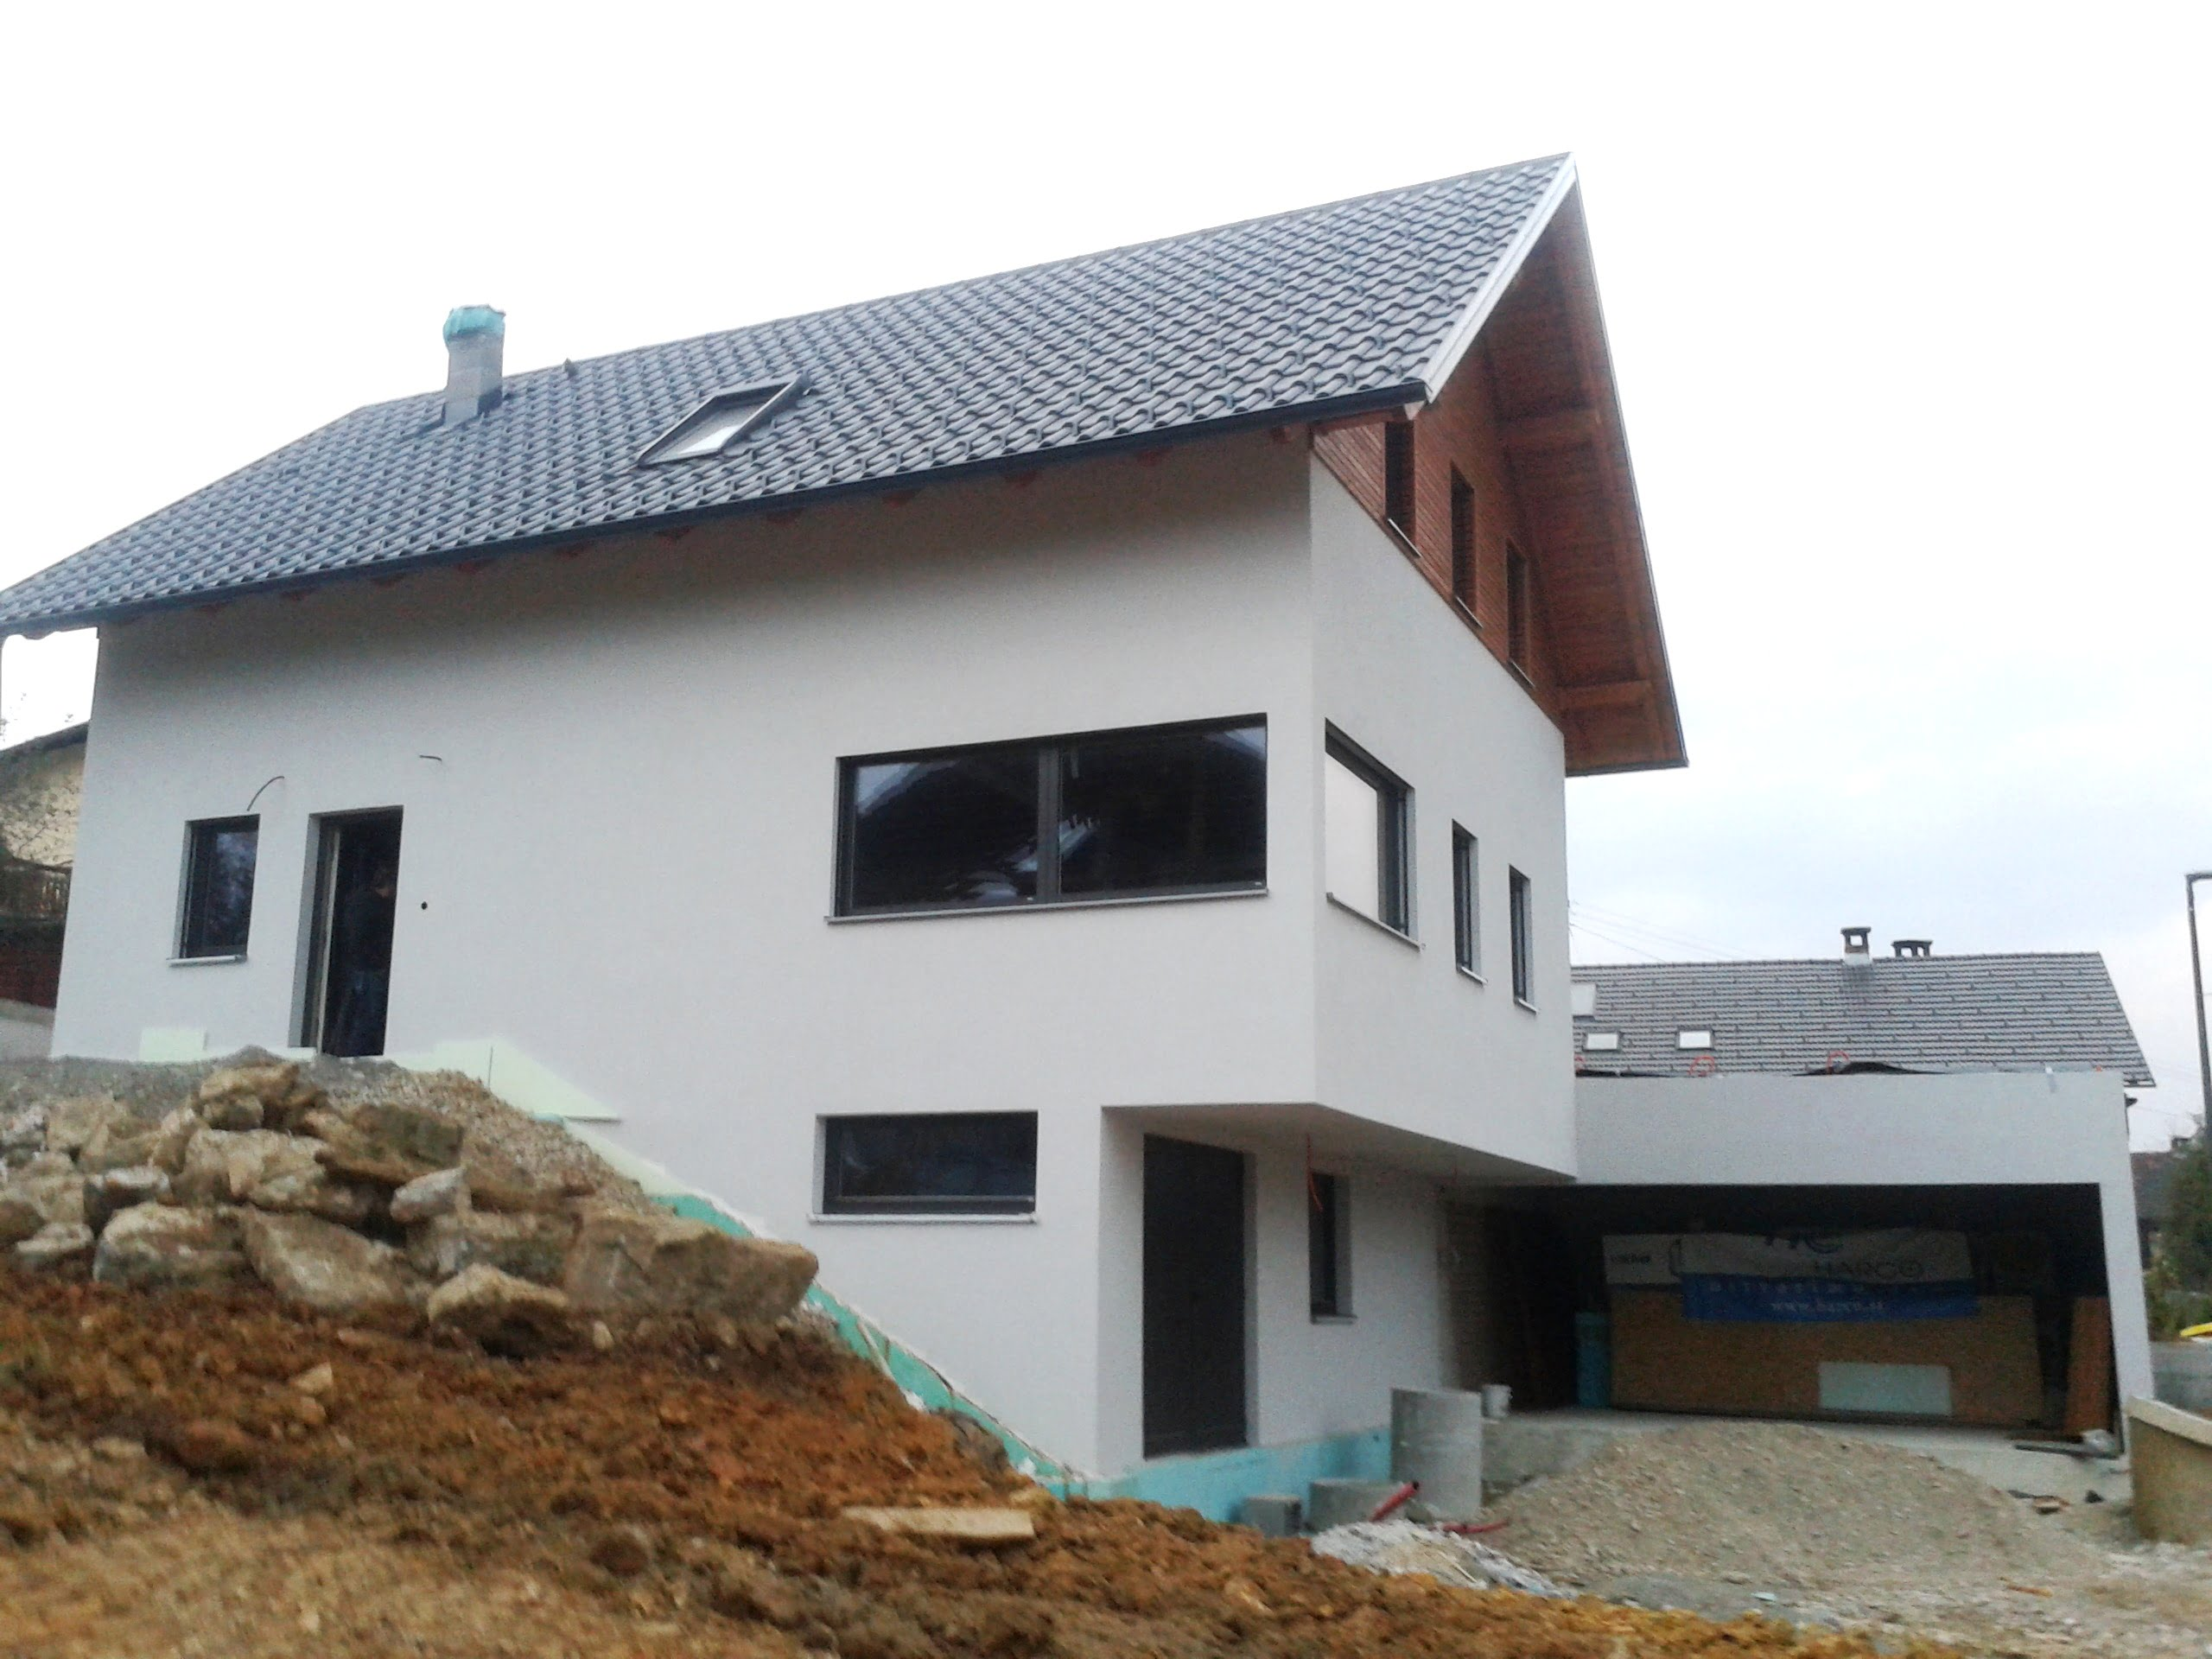 Arhitekturno projektiranje 002